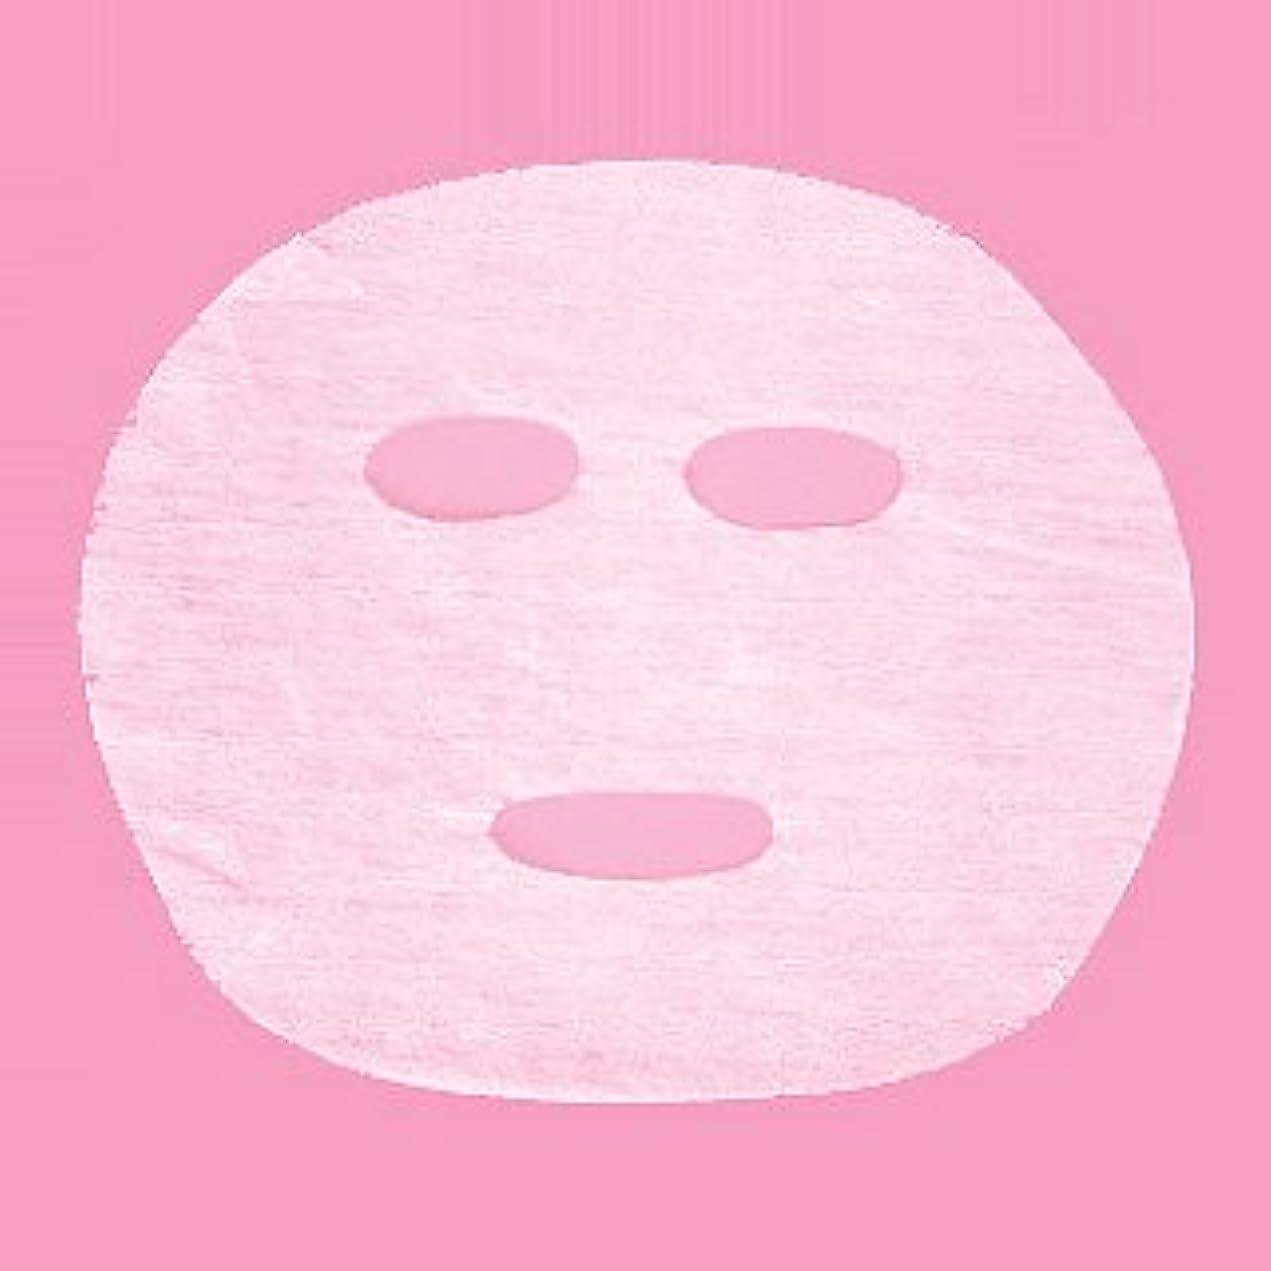 患者一晩デッドフェイシャルシート (やや厚手タイプ) 20枚入 23.5×19cm [ フェイスマスク フェイスシート フェイスパック フェイシャルマスク フェイシャルパック ローションマスク ローションパック フェイス パック マスク ]